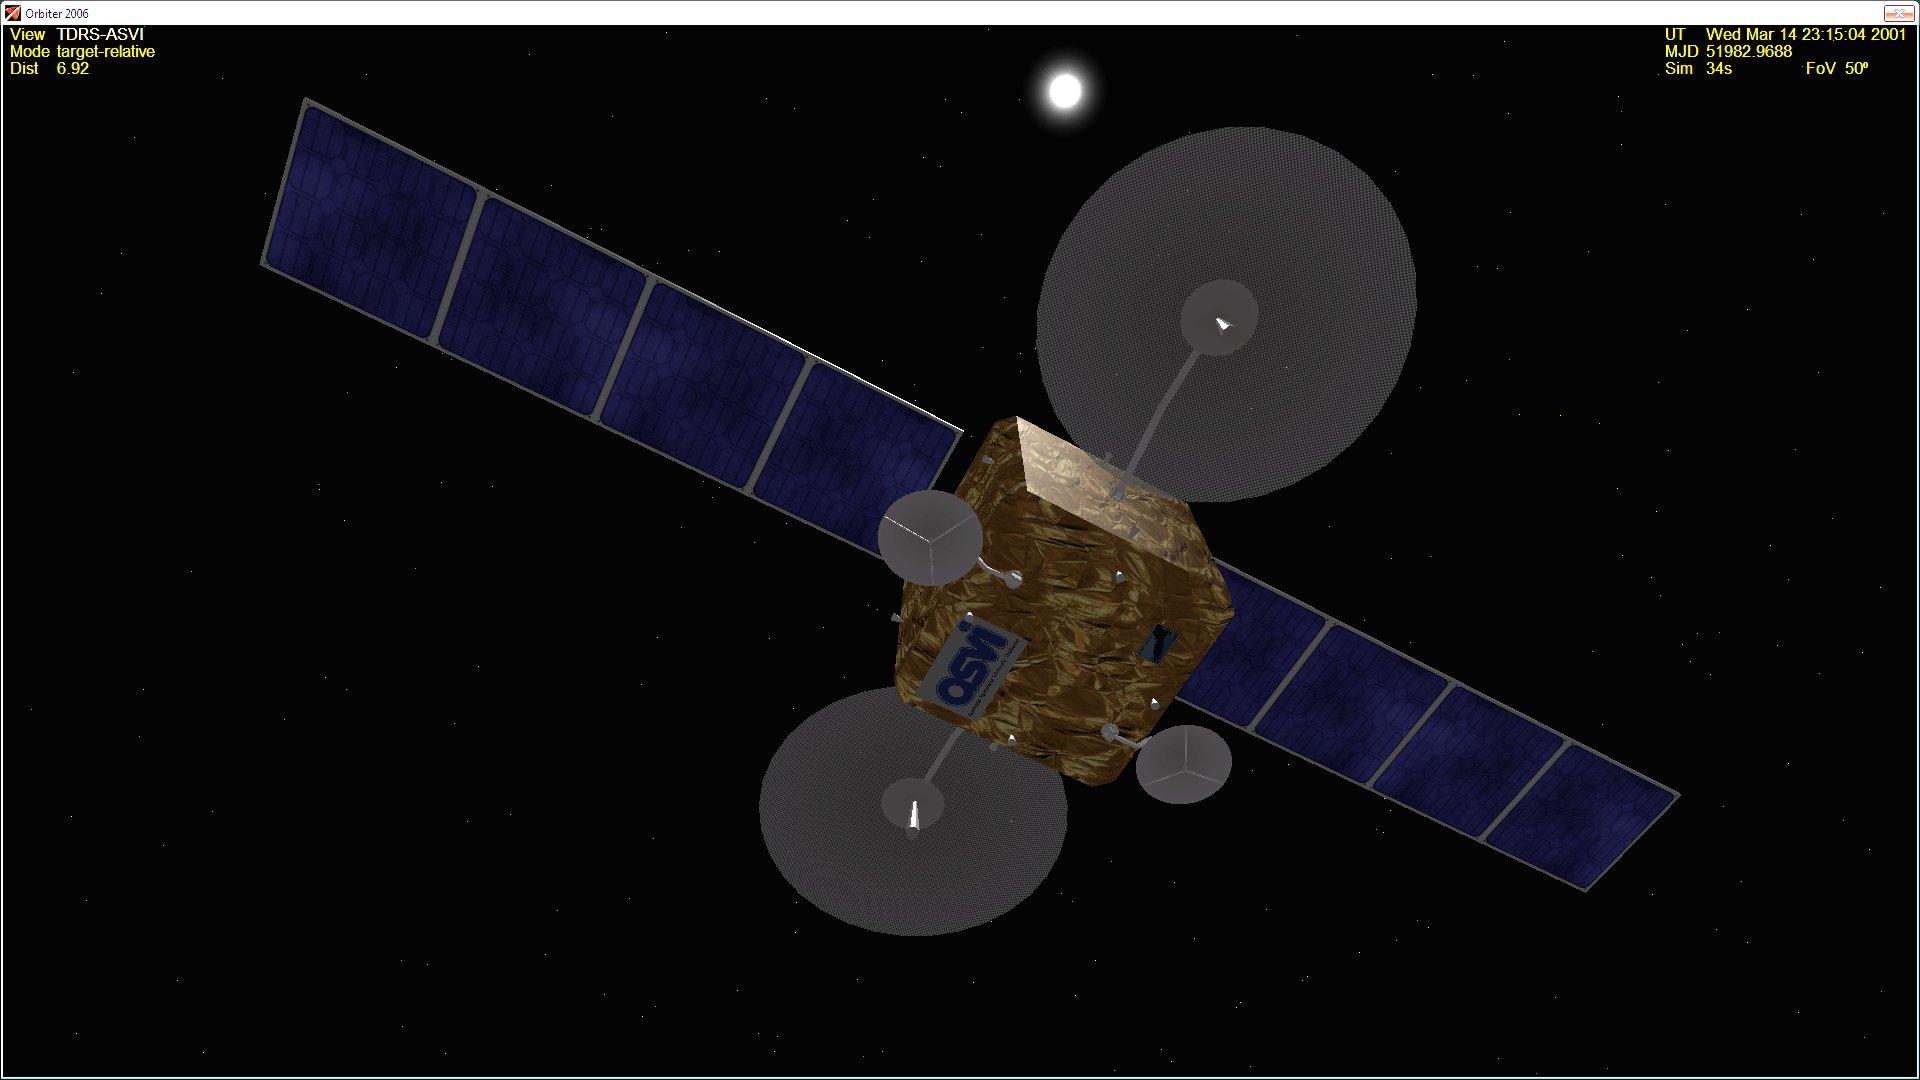 SPACE - Plugin per Space Network Tdrs-a10